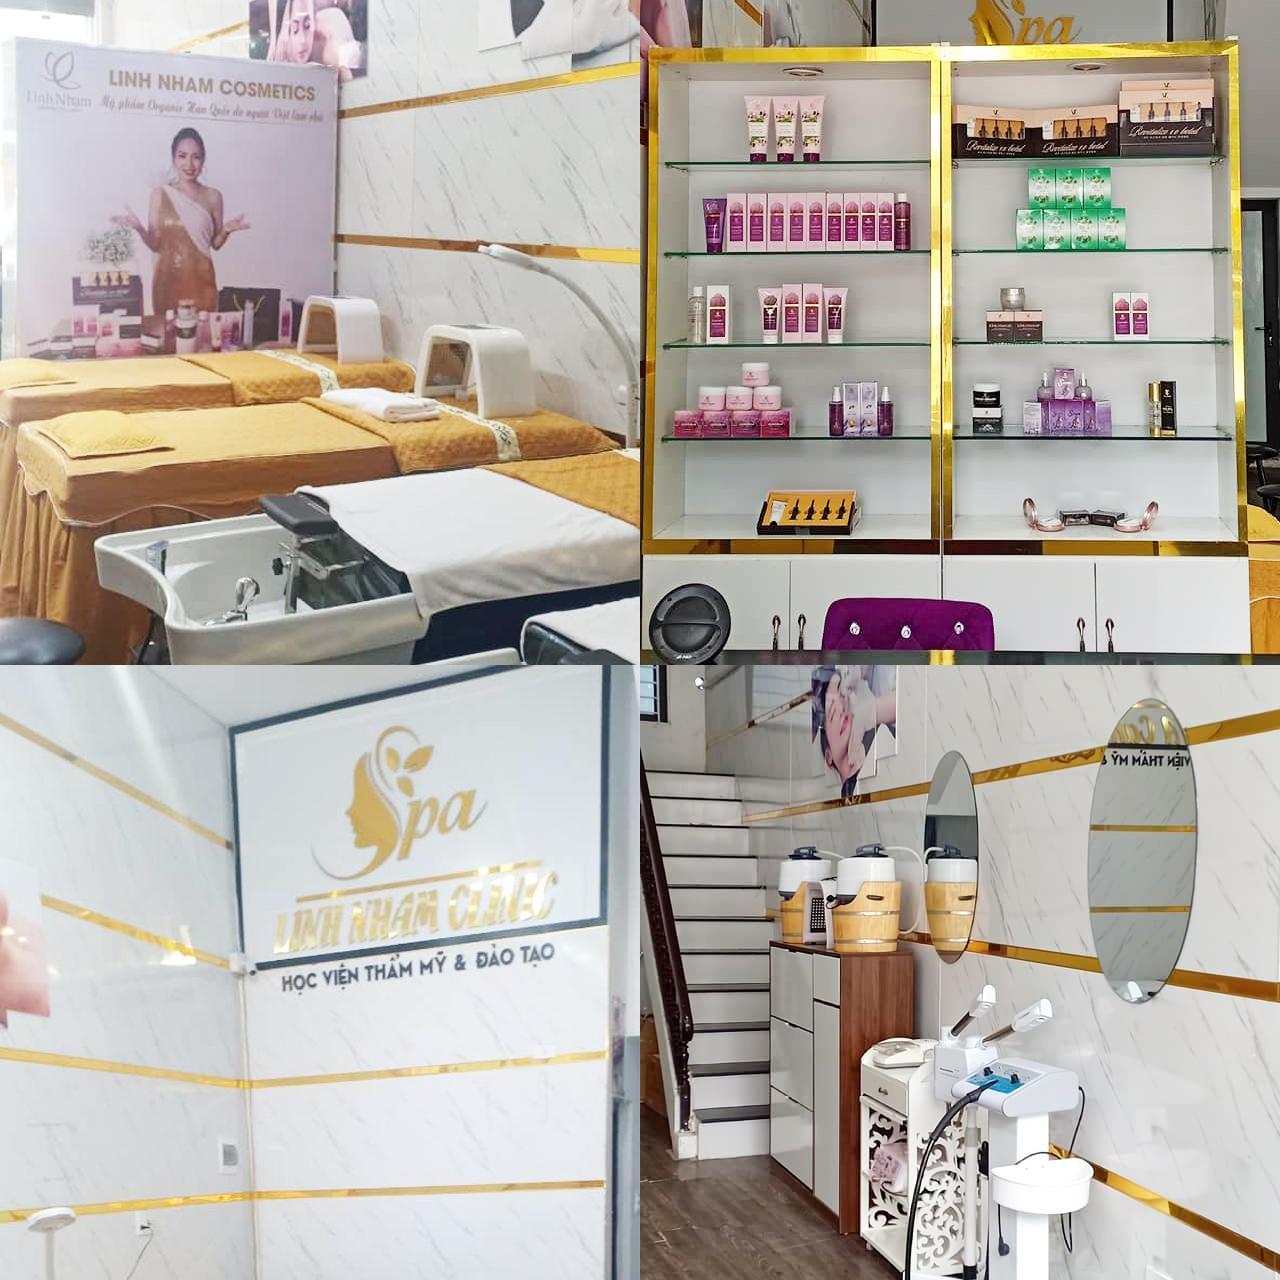 Khai trương Linh Nham Spa & Clinic thành phố Vinh - điểm đến của những giá trị khác biệt - Ảnh 3